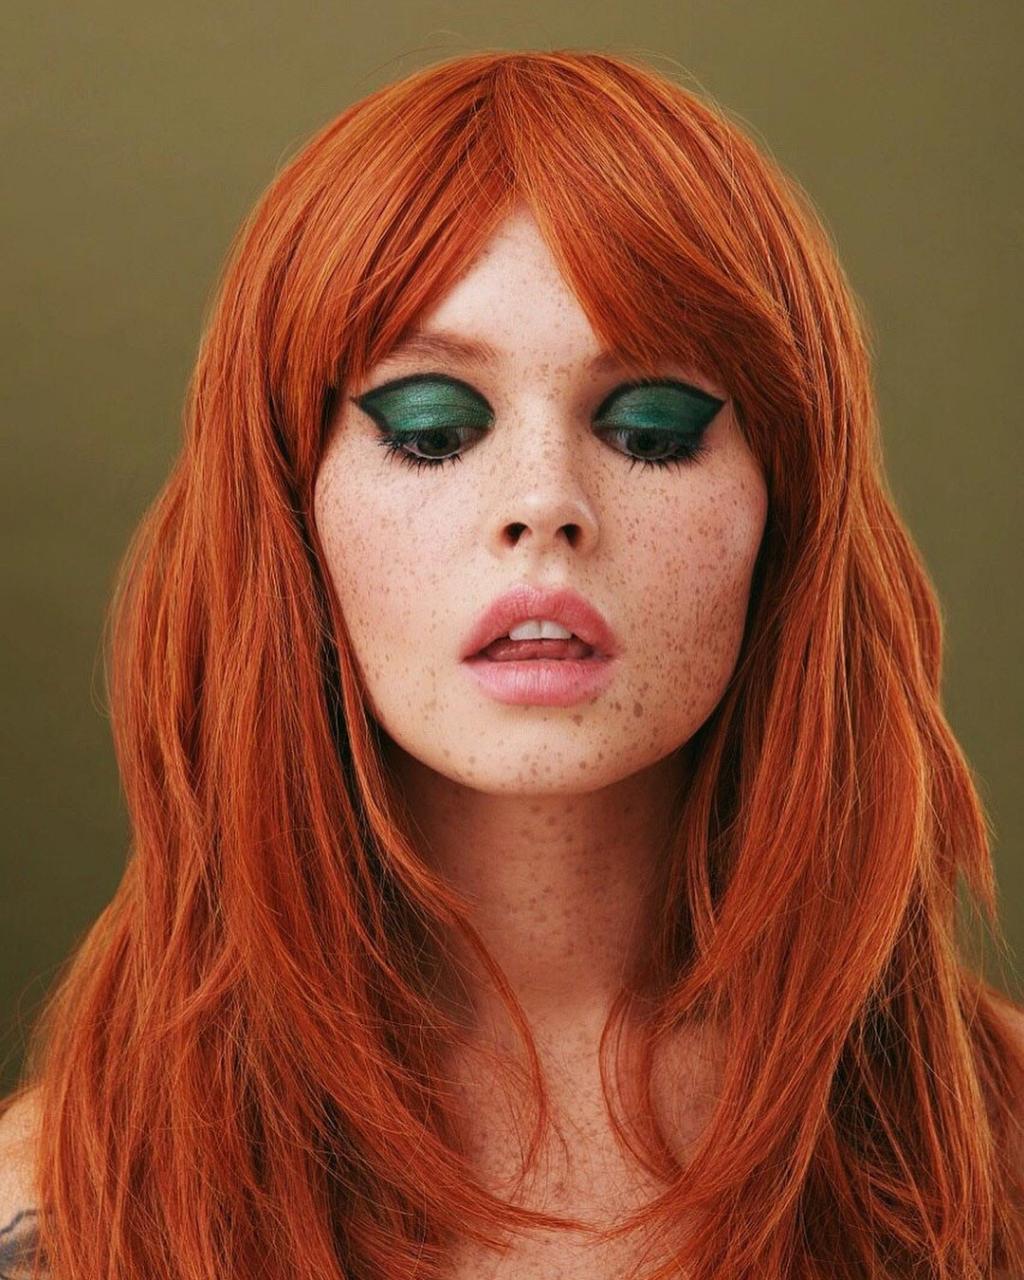 俄罗斯摄影师Kseniya Vetrova人像作品 雀斑女孩特写镜头 时尚图库 第8张